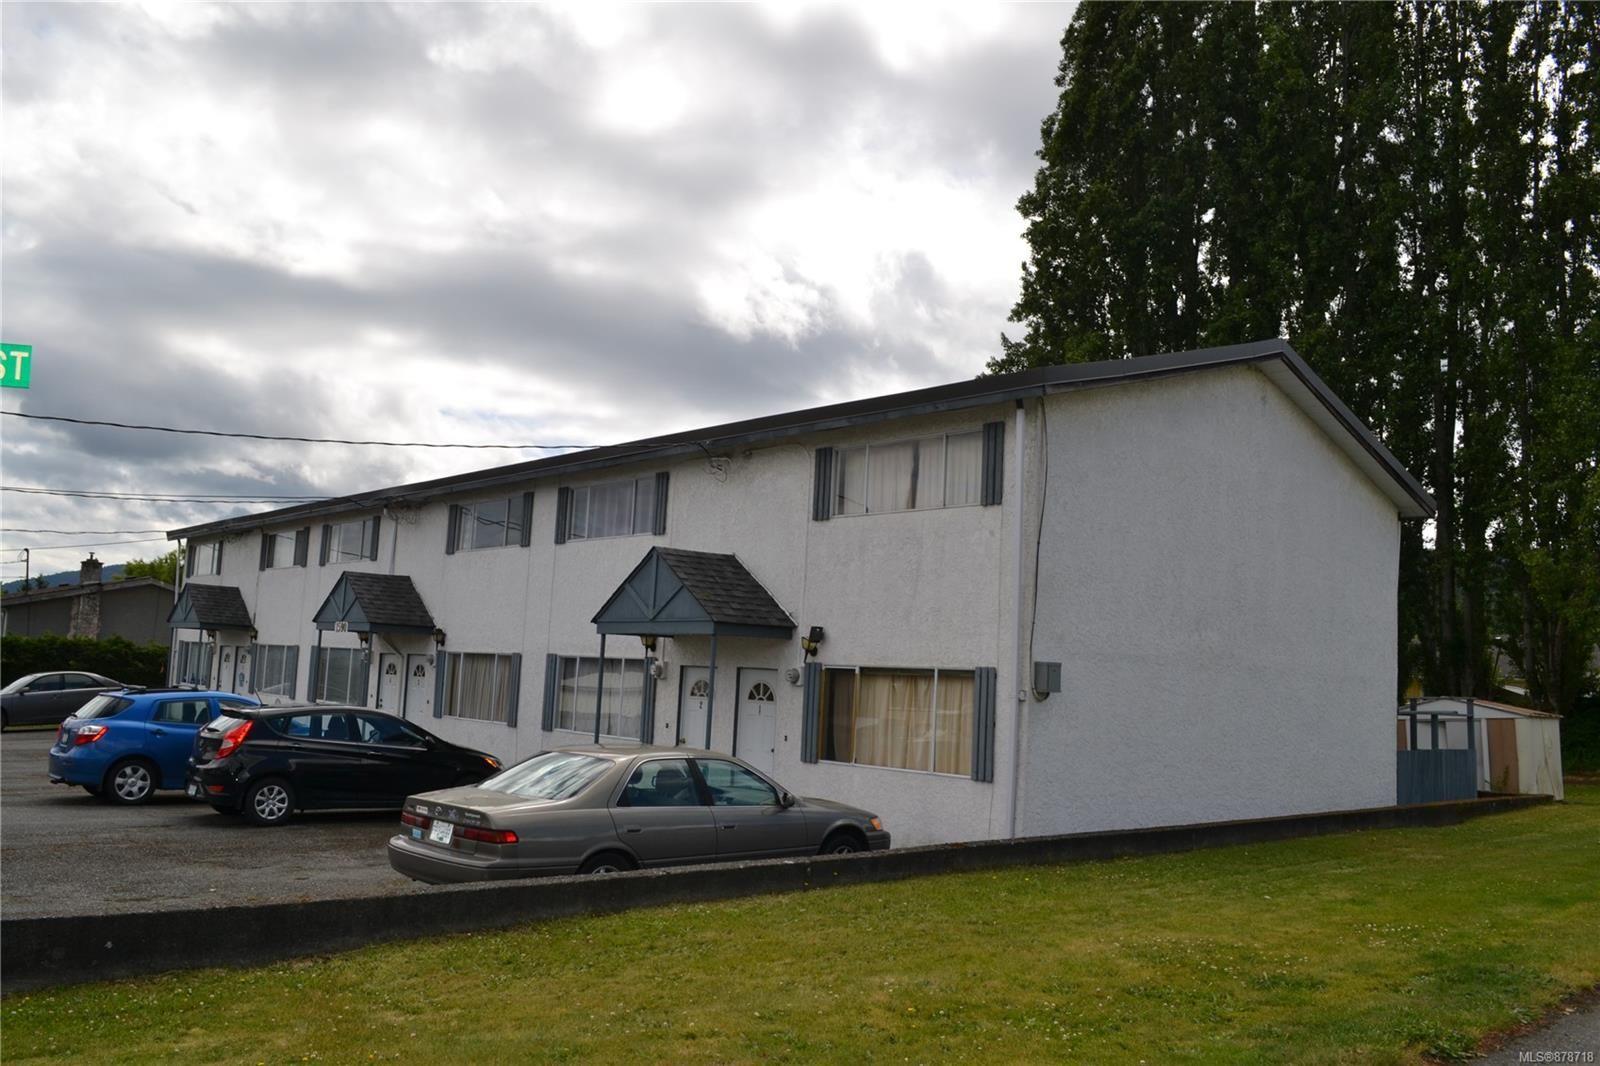 Main Photo: 1590 ROBERT St in : Du Crofton Multi Family for sale (Duncan)  : MLS®# 878718